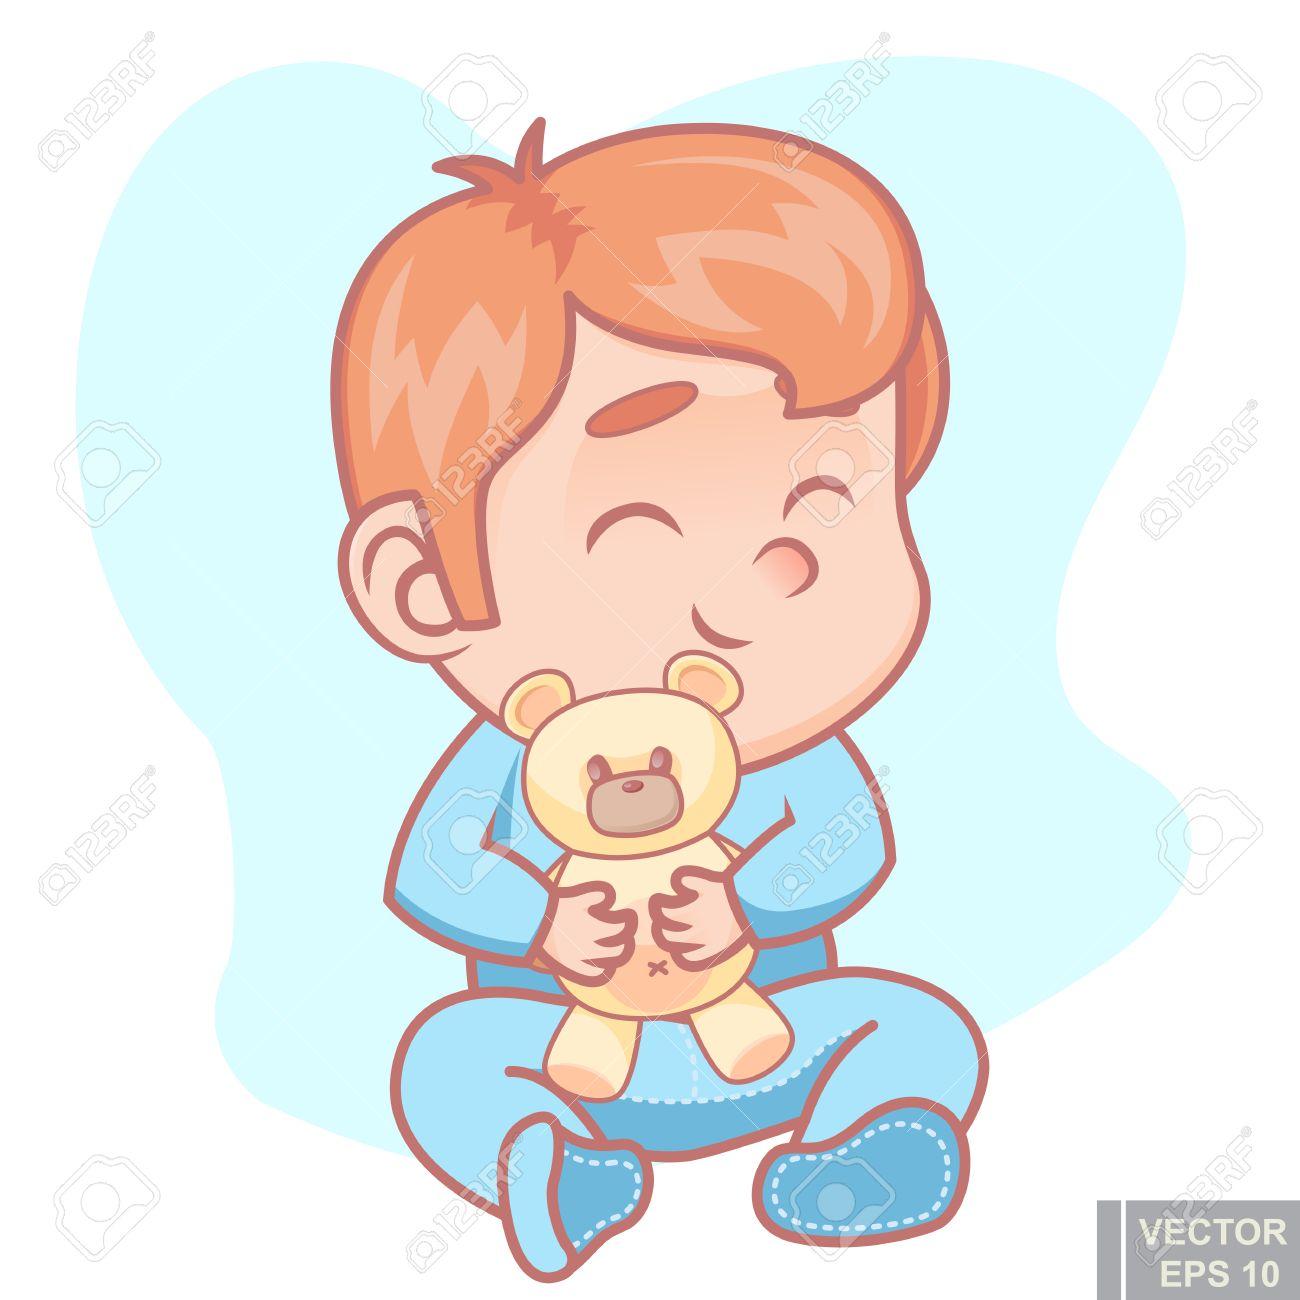 946d190e07 Foto de archivo - Ilustración de lindo bebé de dibujos animados en pijama  con oso de peluche